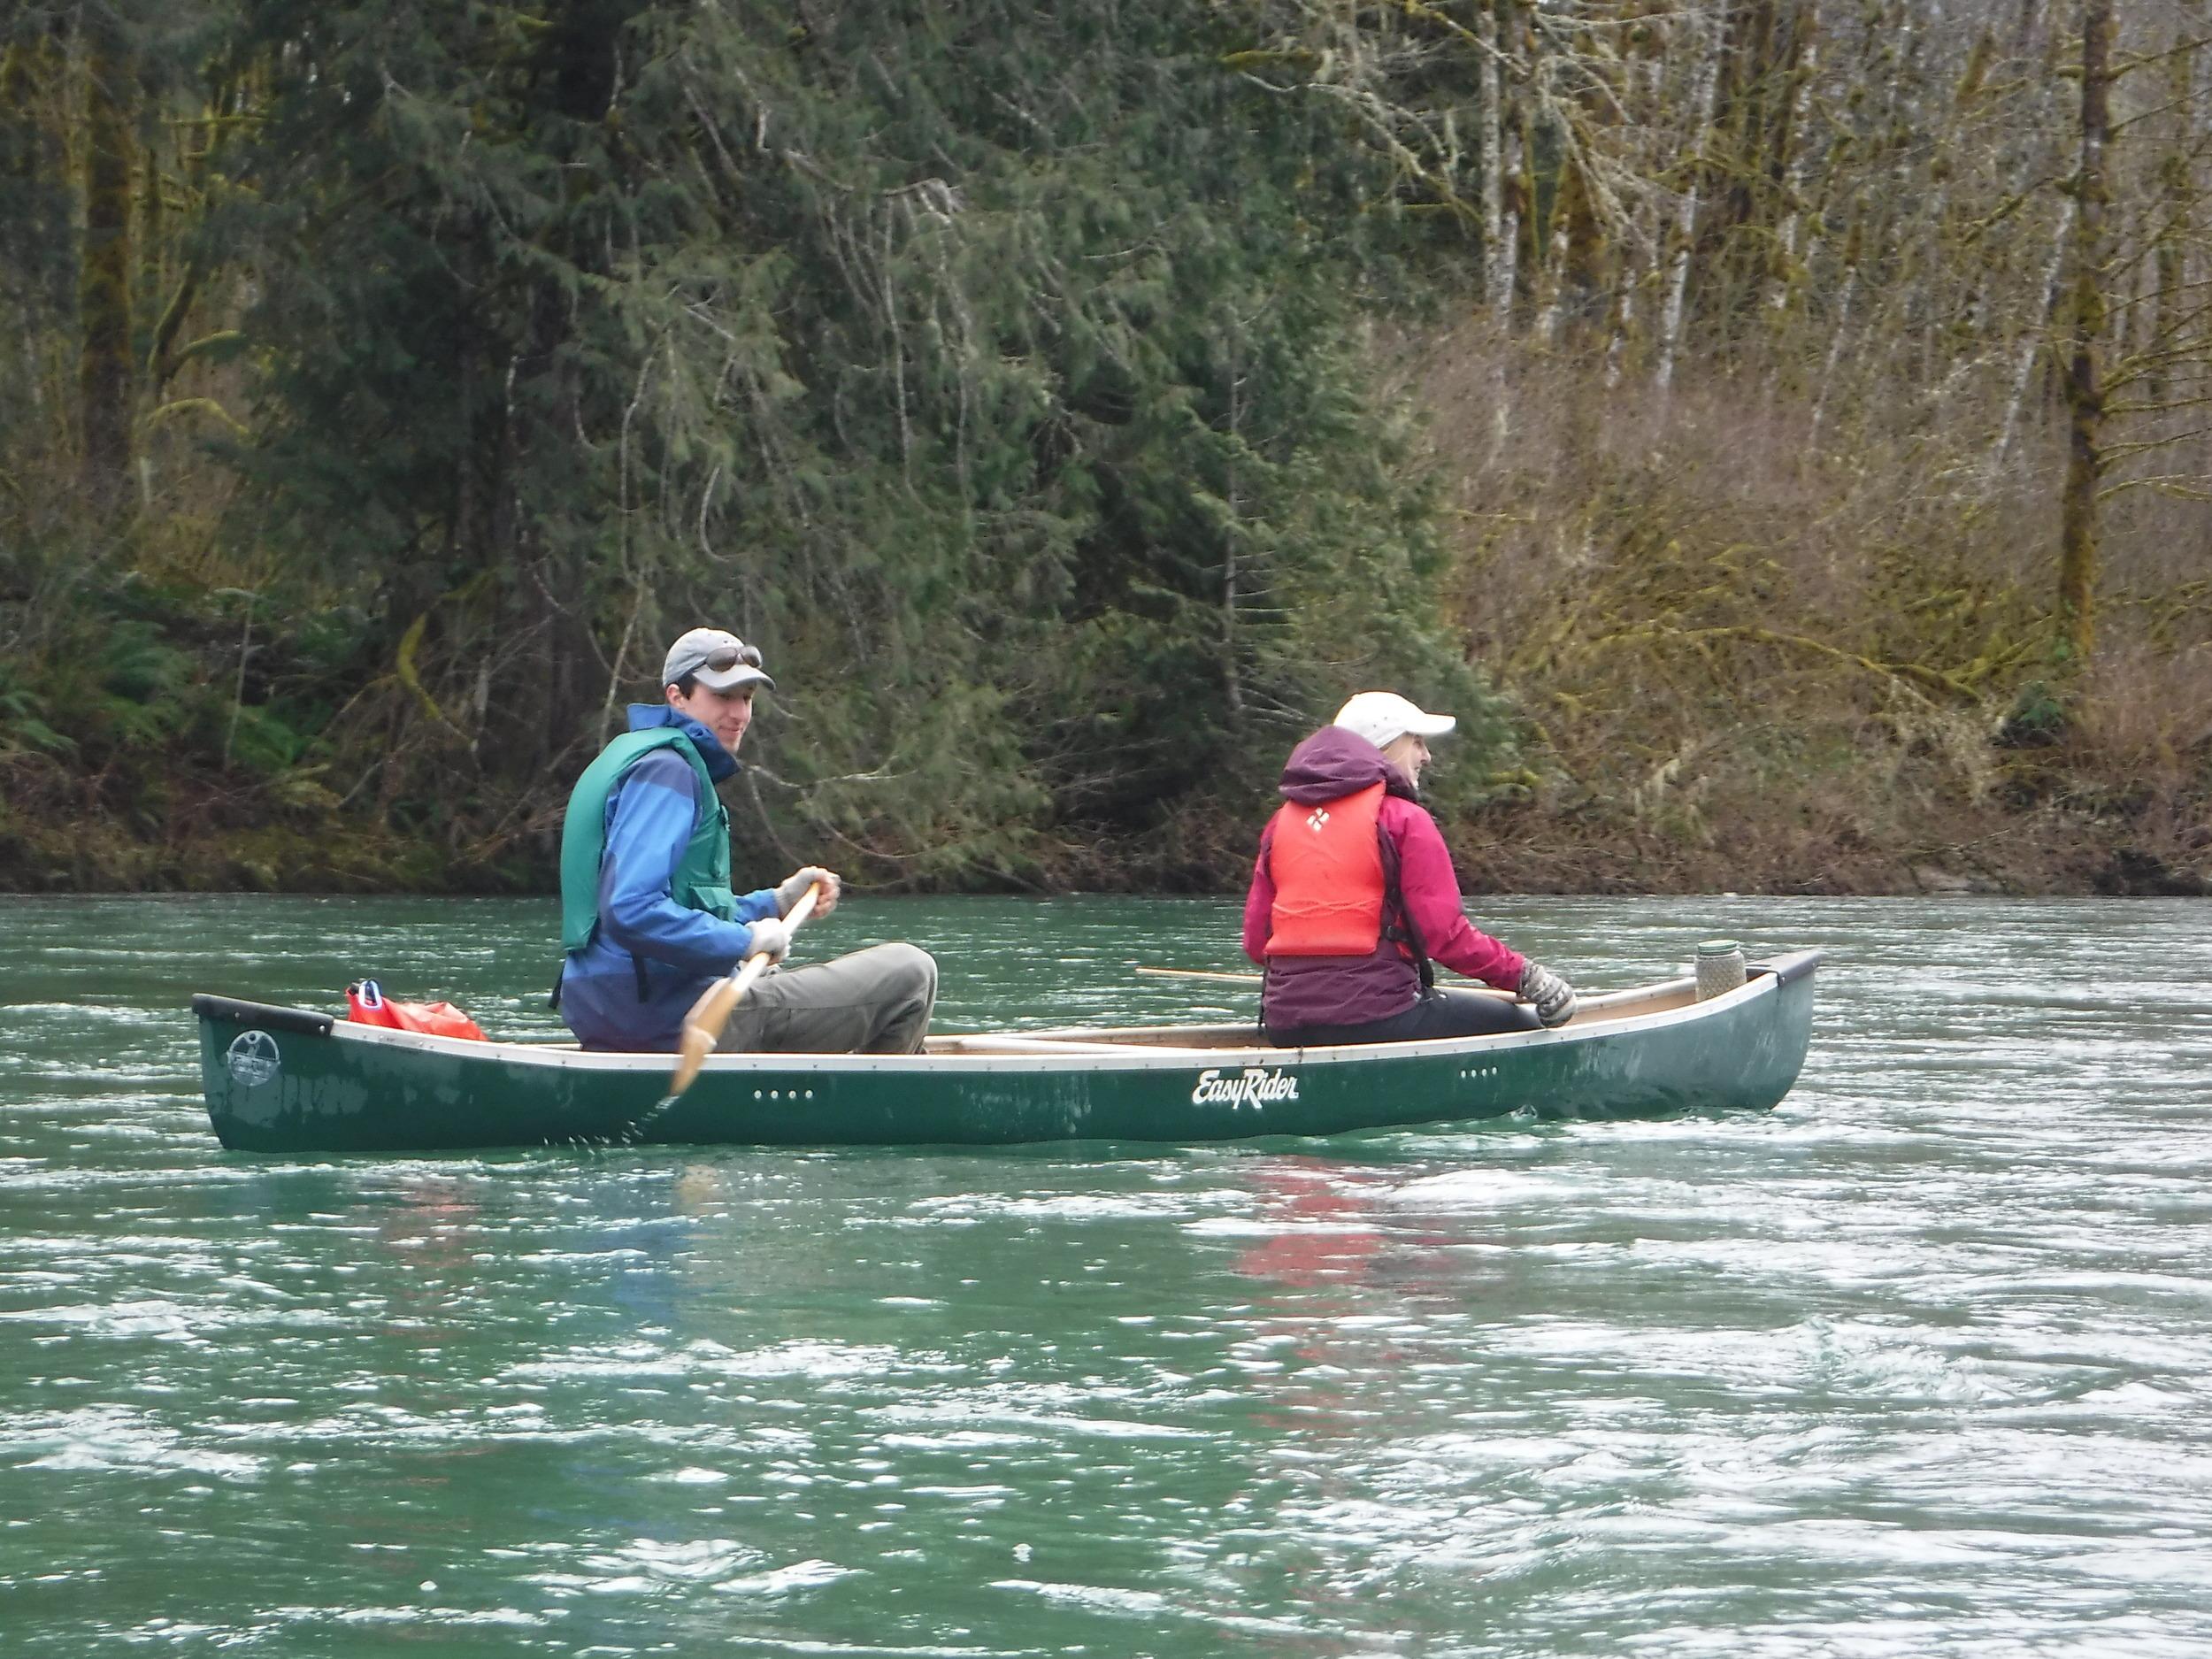 Joe and Katie leading our water caravan.